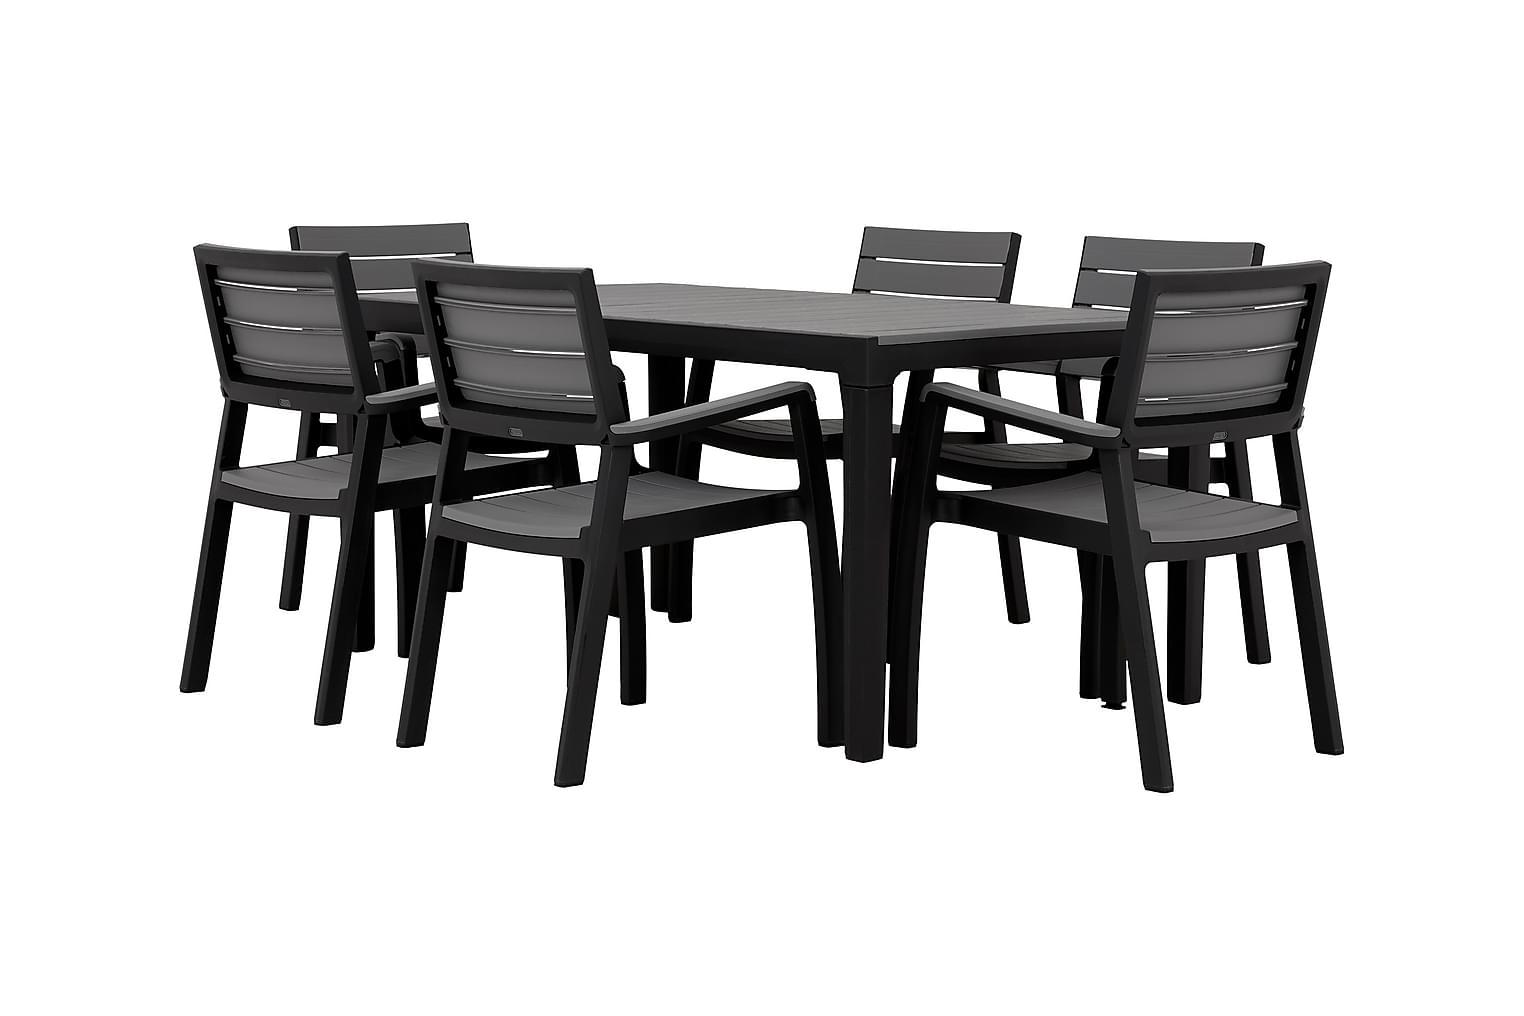 BILBAO Pöytä 160 + 6 Käsinojallista tuolia Harmaa/Musta